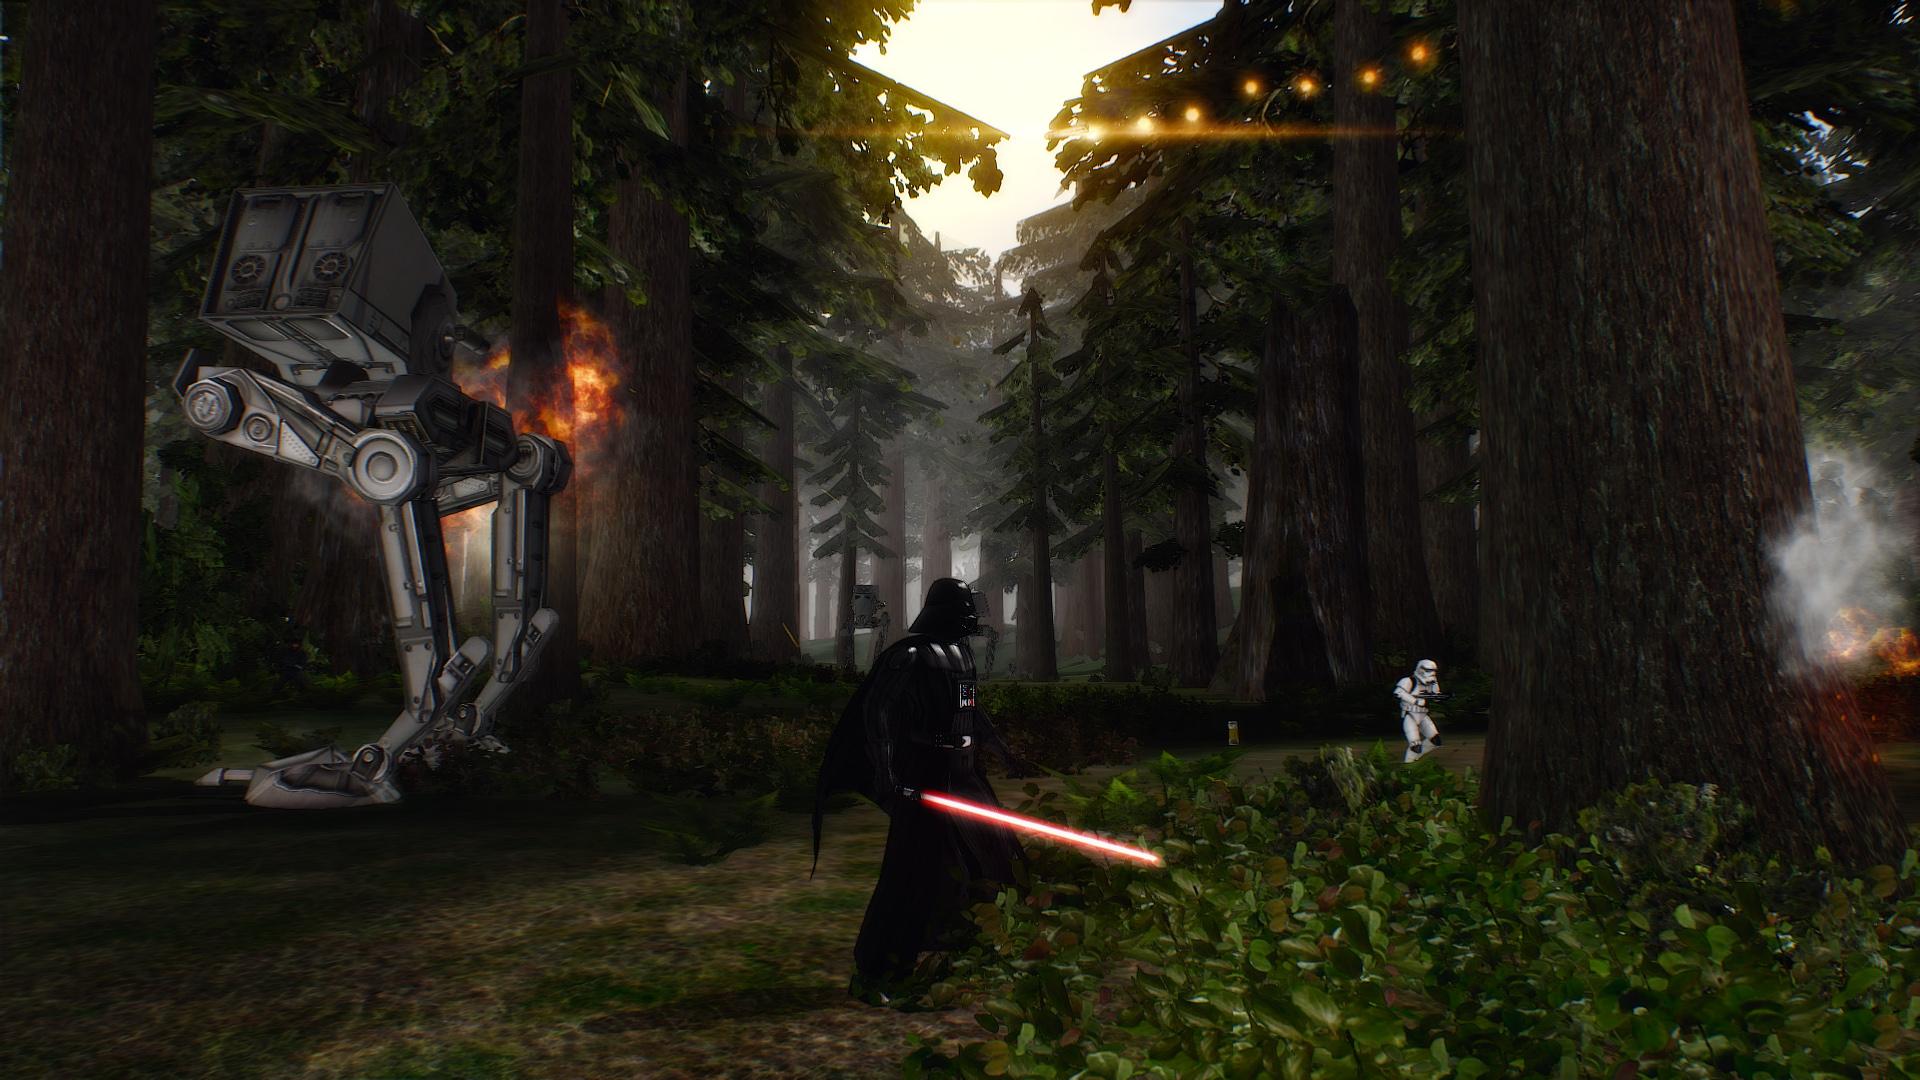 star wars battlefront 2 v 1.1 no cd crack